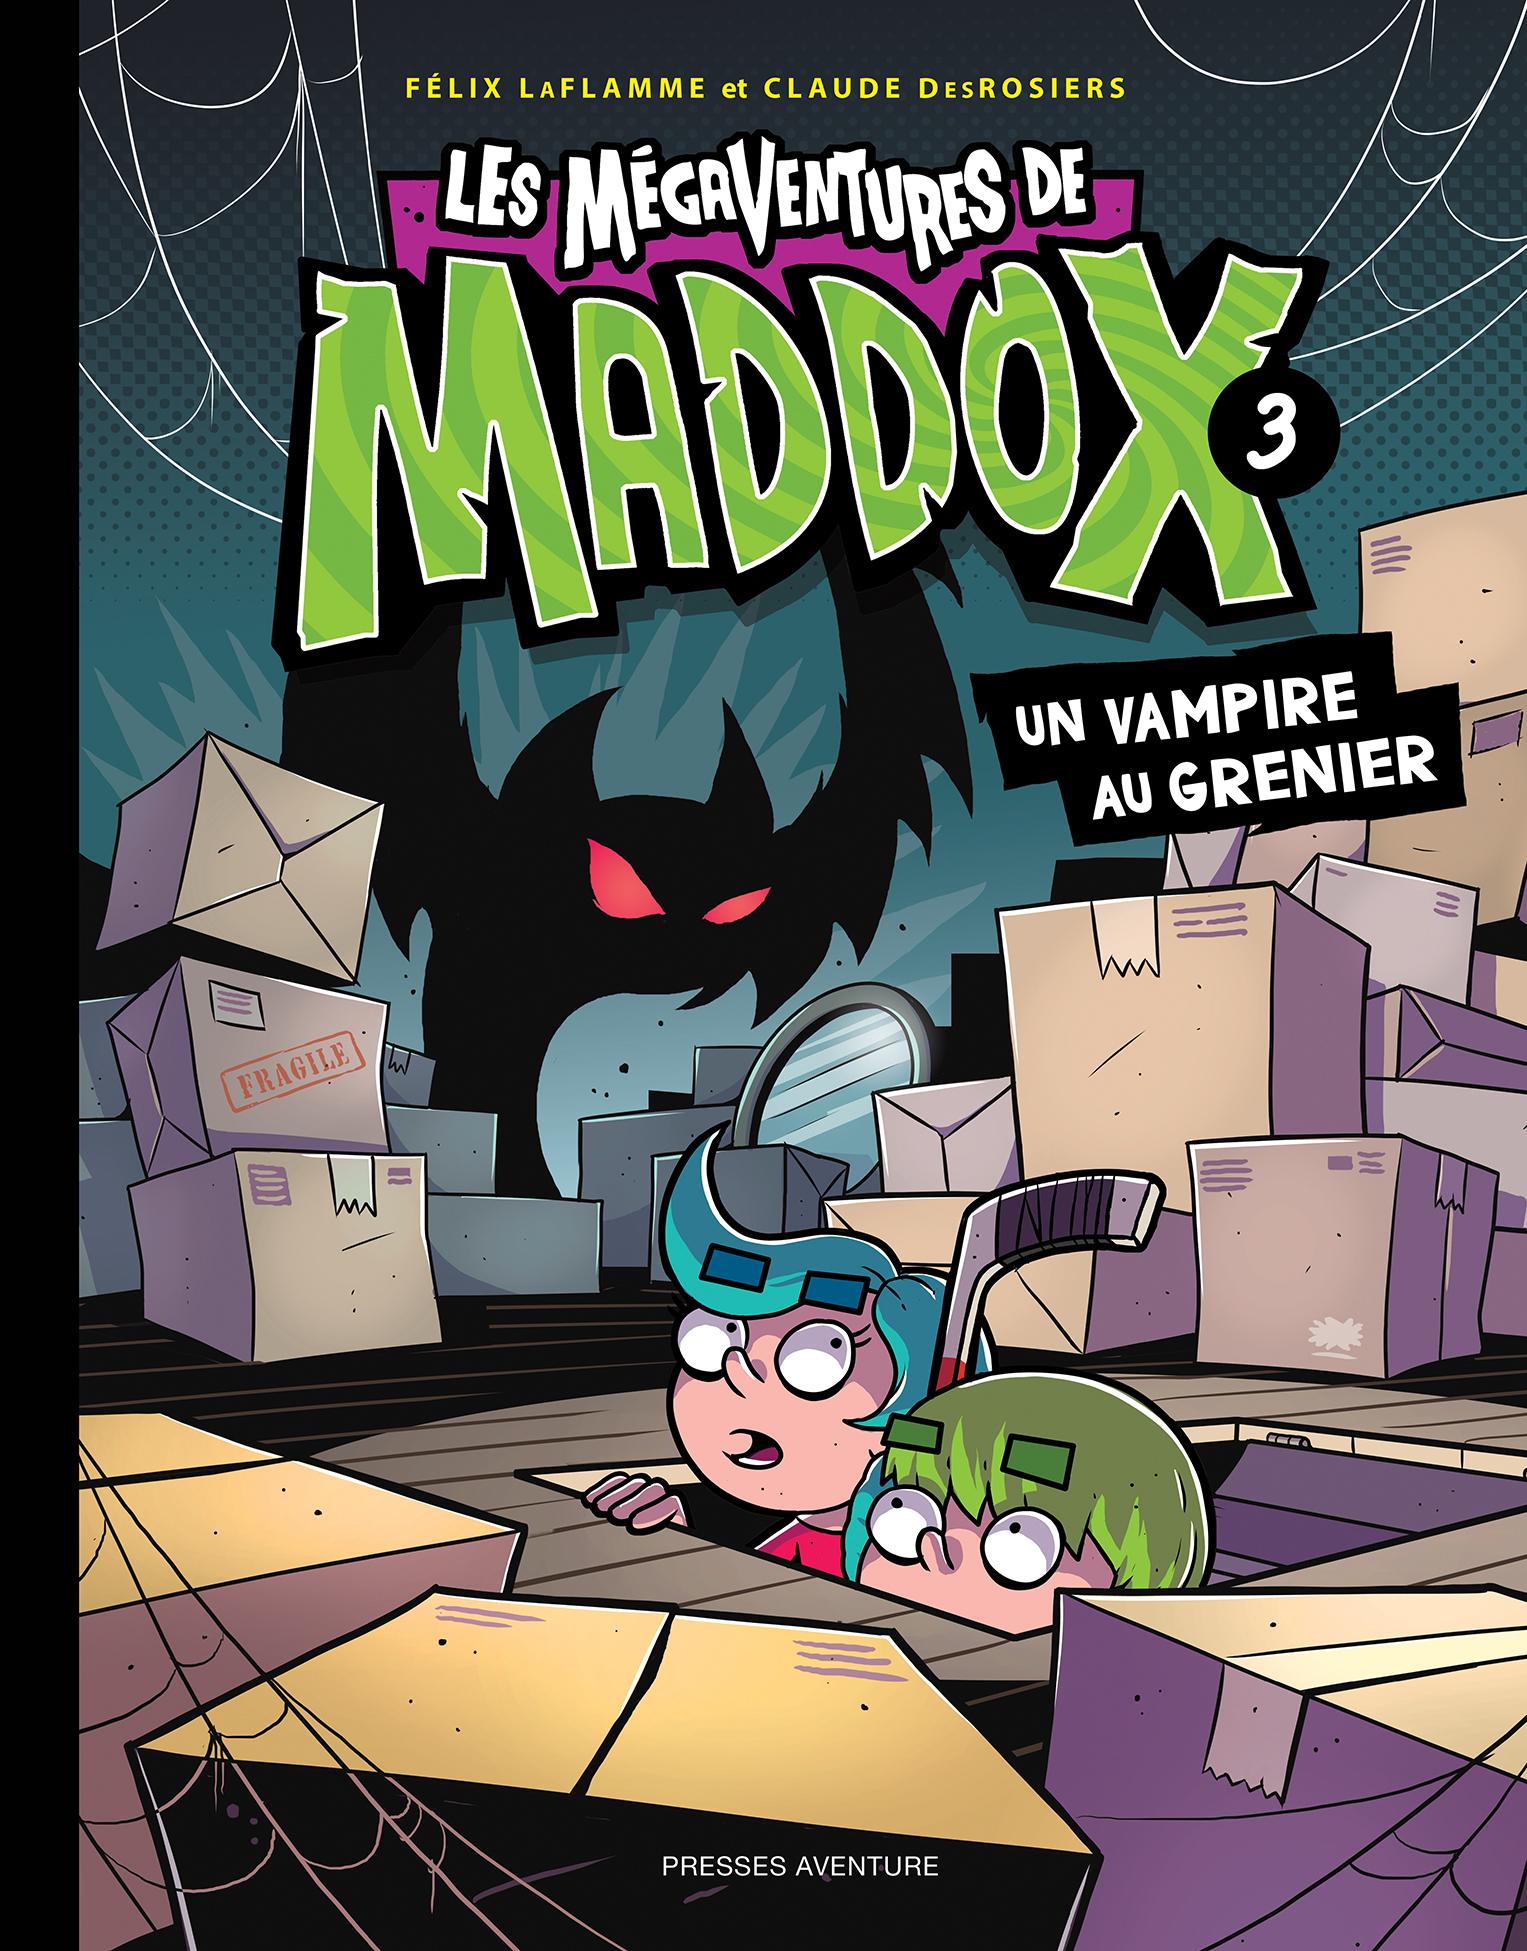 440_Maddox_VampireGrenier3_C1